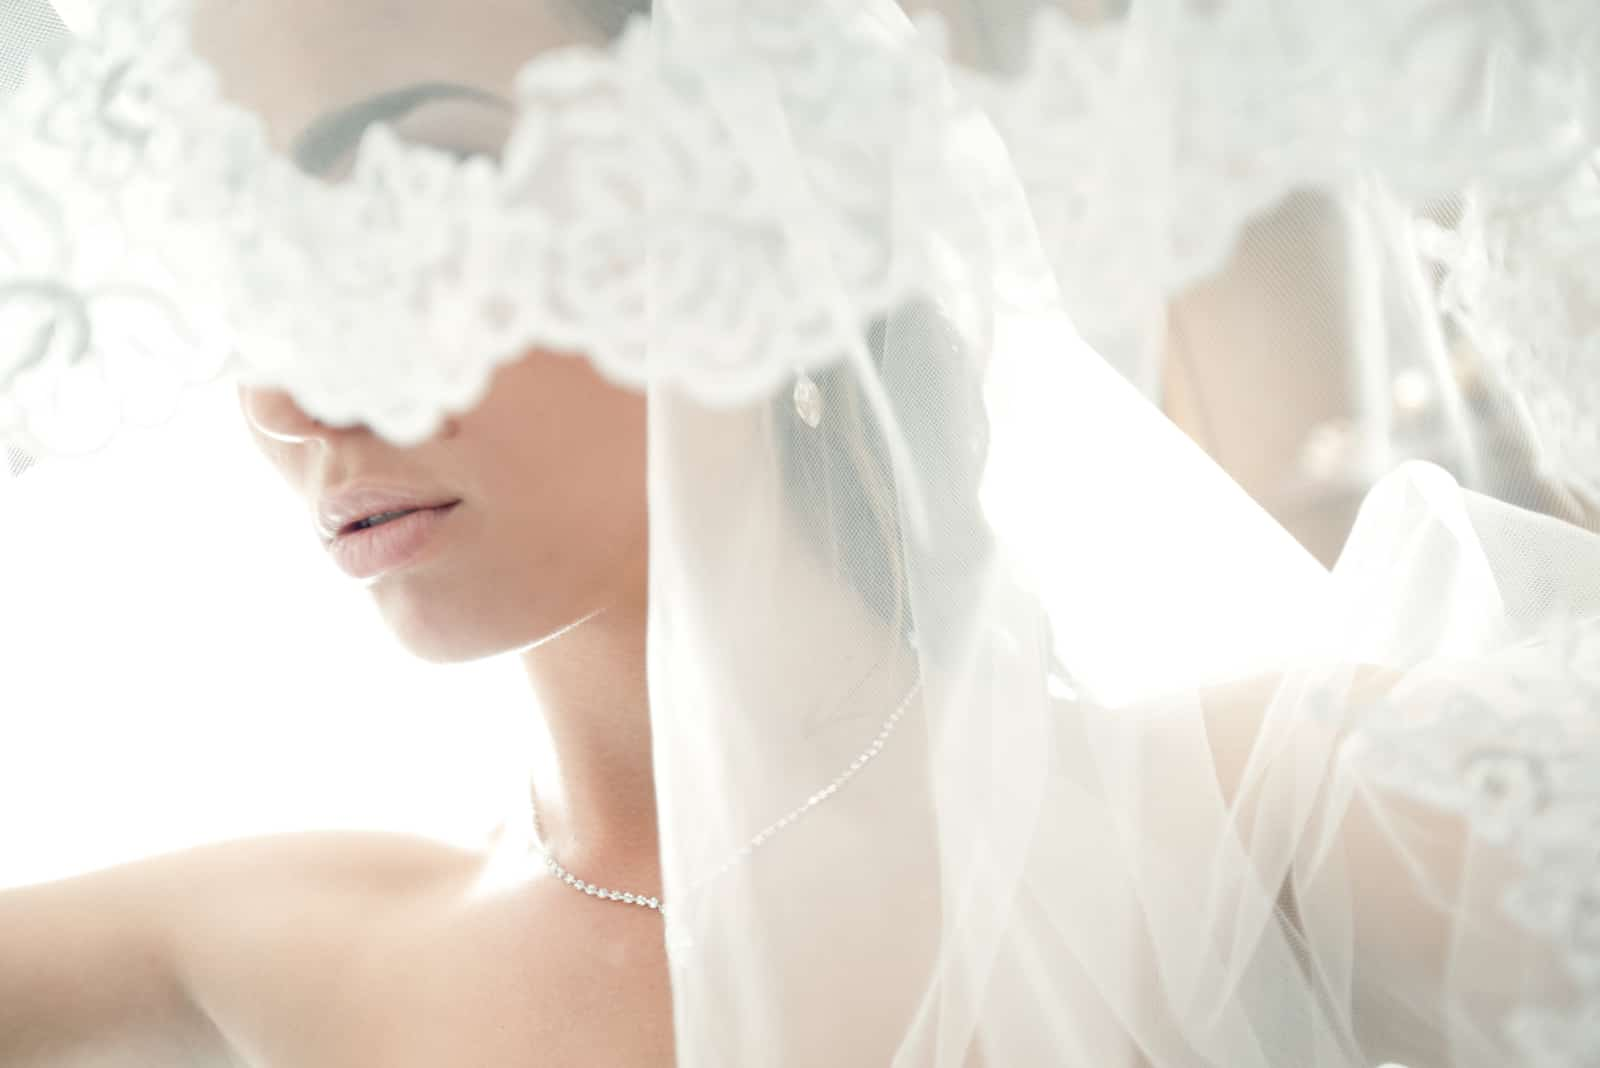 Gesicht einer schönen Braut versteckten Schleier